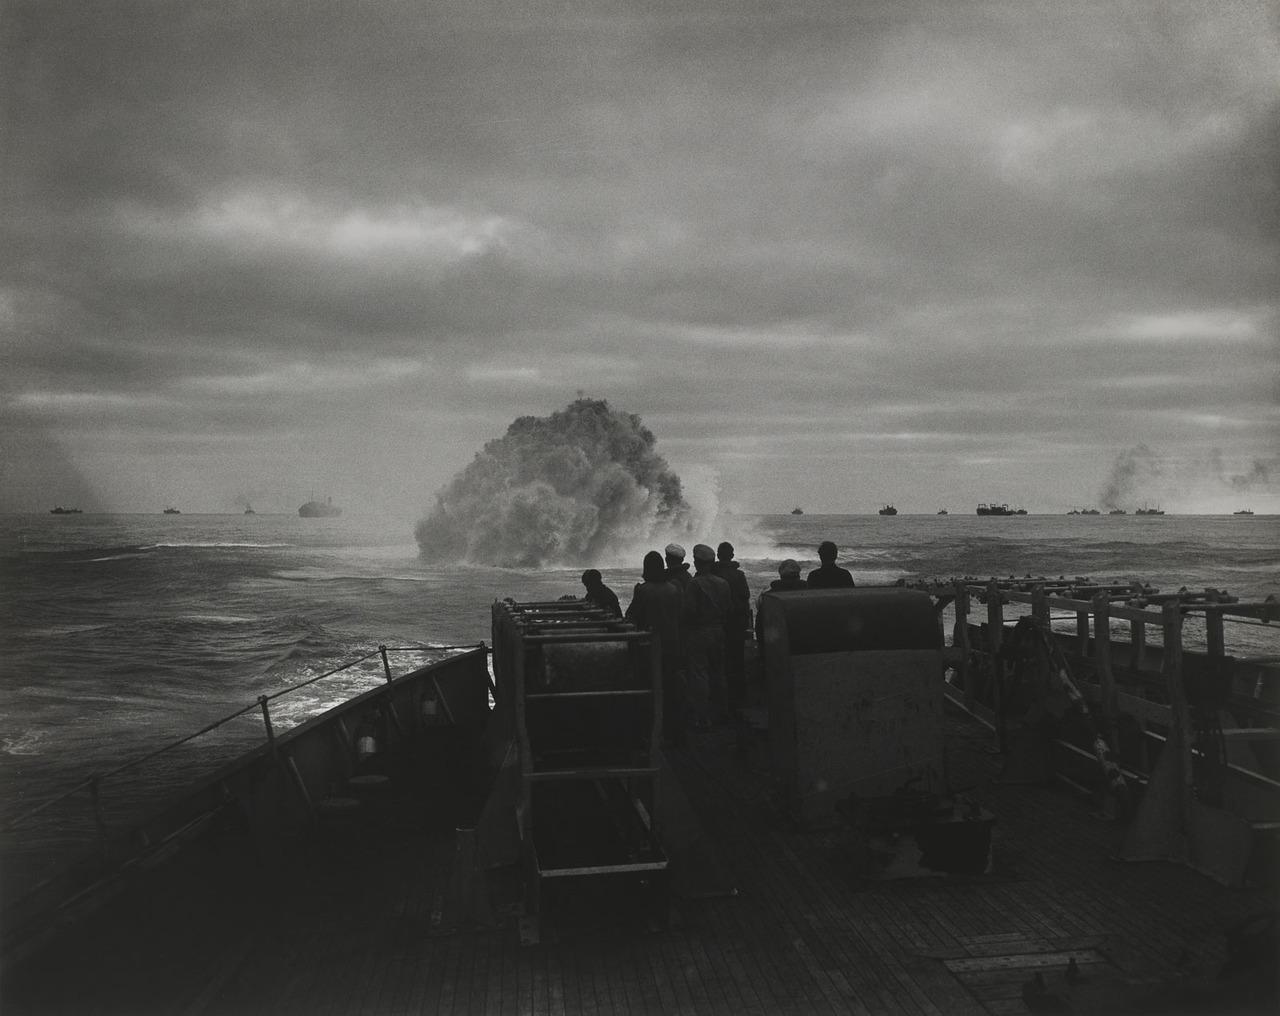 1943. USCG Spencer hadihajó német tengeralattjárót sűllyeszt el..jpg